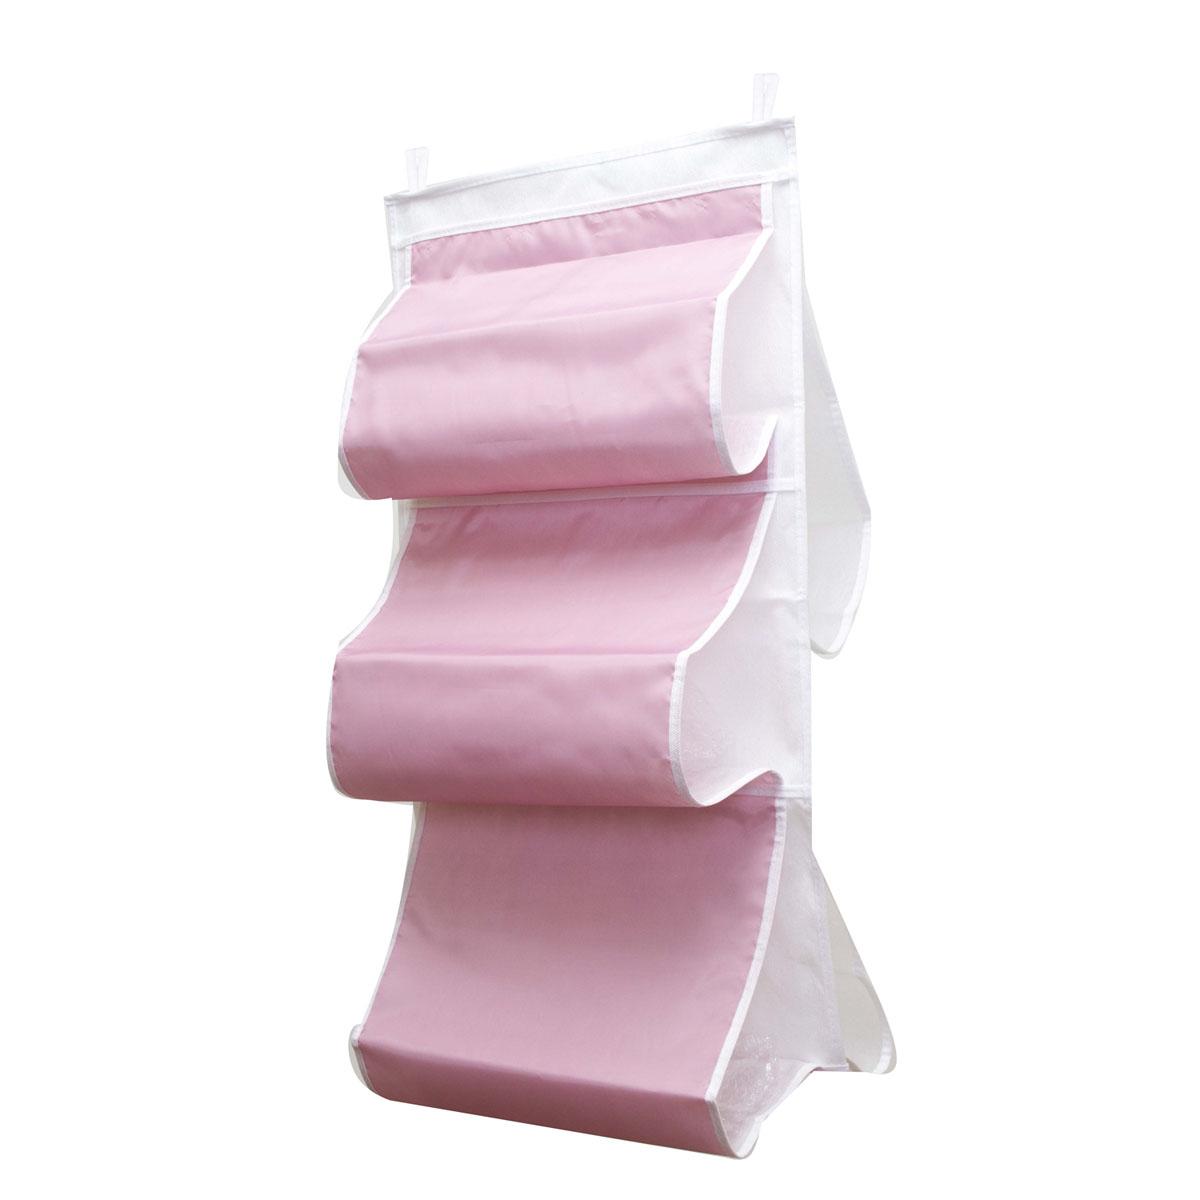 Органайзер для сумок Homsu Capri, 5 отделений, 40 х 70 см12723Органайзер для хранения сумок Homsu Capri изготовлен из полиэстера. Изделие имеет 5 отделений, его можно повесить в удобное место за крючки. Такой компактный и удобный в каждодневном использовании аксессуар, как этот органайзер, размещающийся в пространстве шкафа, на плоскости стены или дверей.Практичный и удобный органайзер для хранения сумок.Размер чехла: 40 х 70 см.